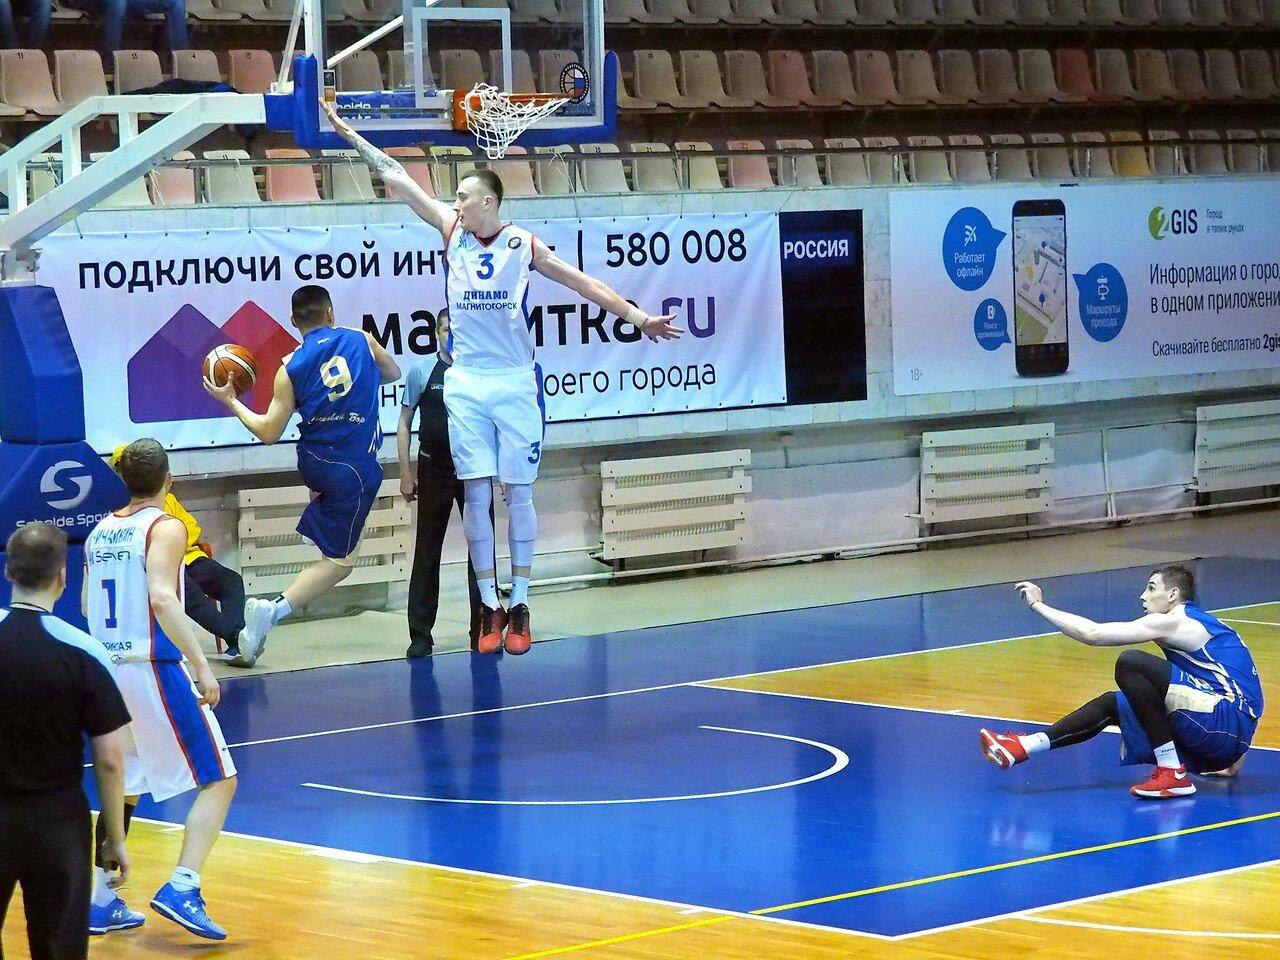 15 Динамо - Тобол 27.05.2017